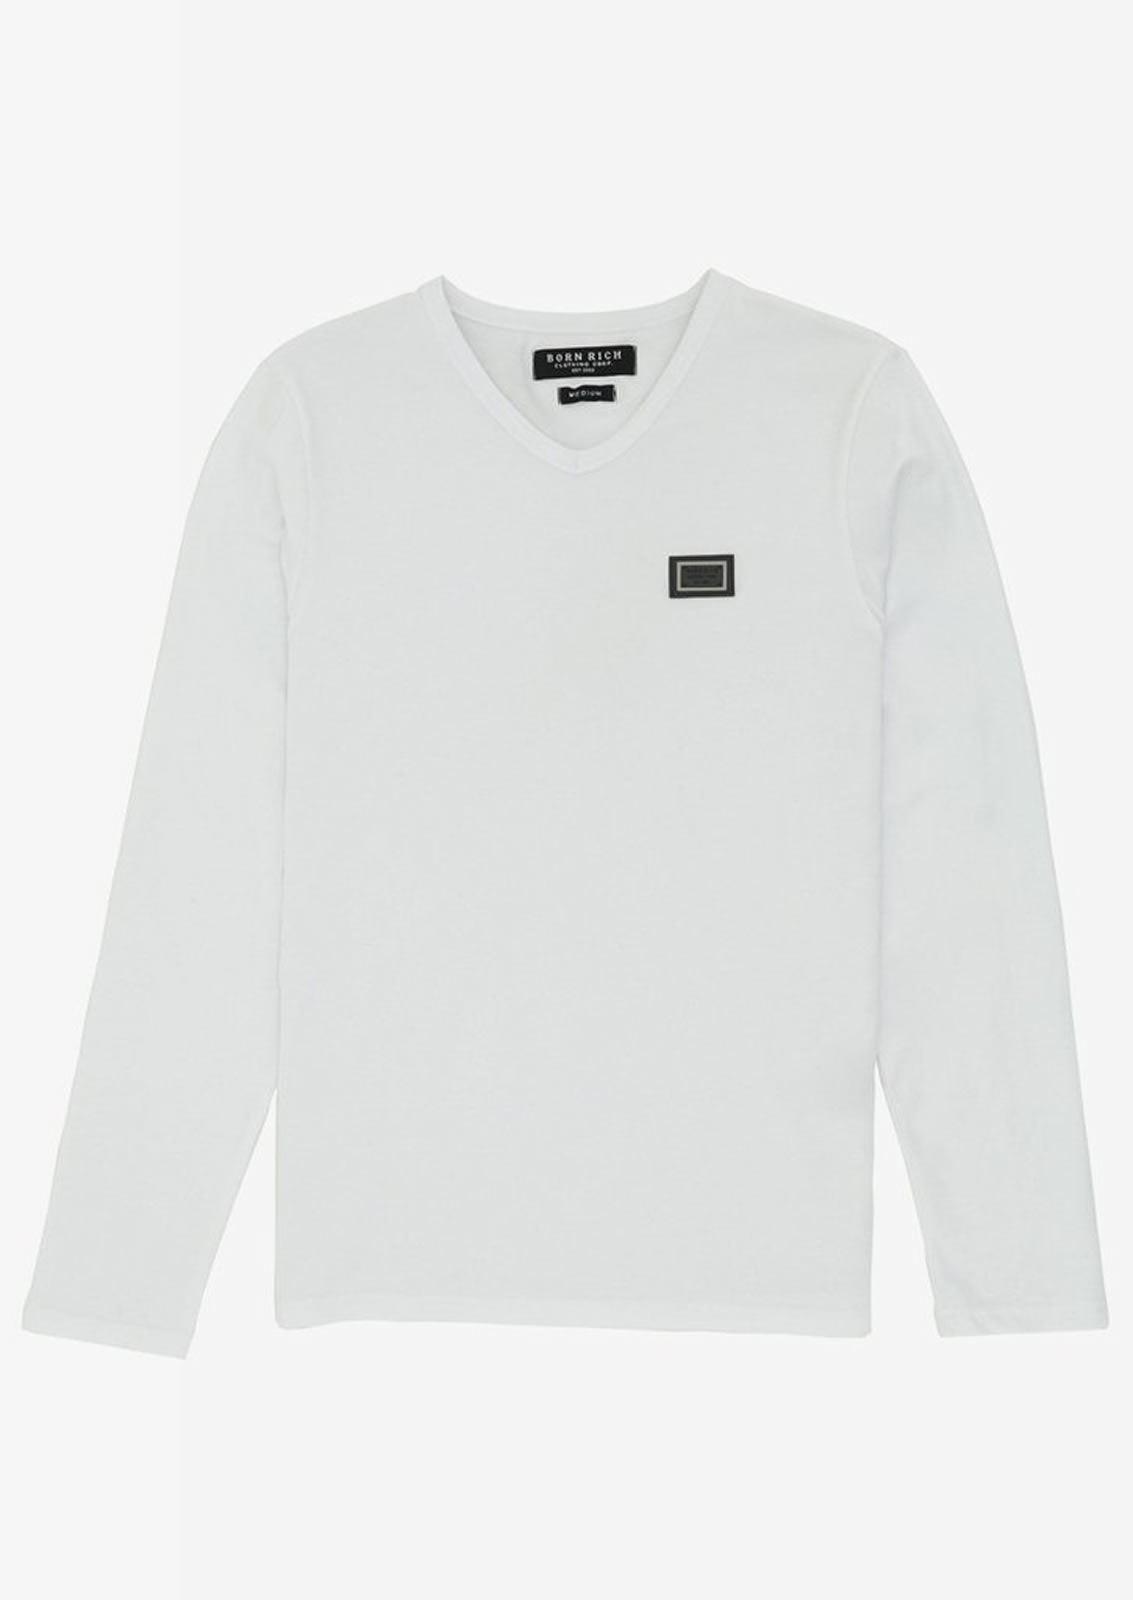 Ne-riche-par-l-039-argent-vetements-jaspe-sanguin-Hommes-T-Shirt-a-Manches-Longues-V-Neck-Tee miniature 4